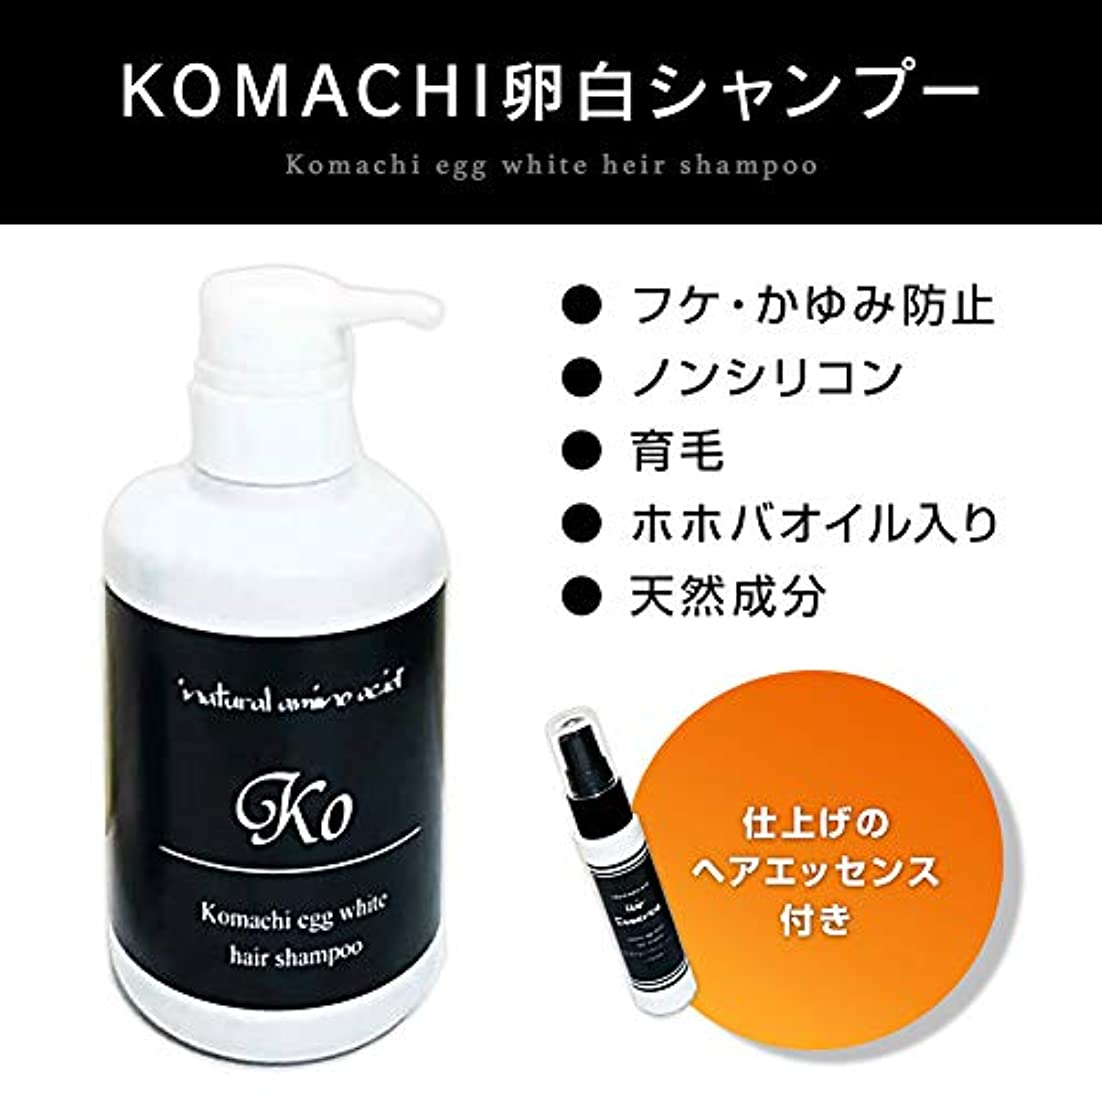 ナンセンスフィールド資本KOMACHI シャンプー メンズ 無添加 人気 オーガニック ノンシリコン 日本製 ホホバオイル入り ヘアエッセンス付きシャンプー セット